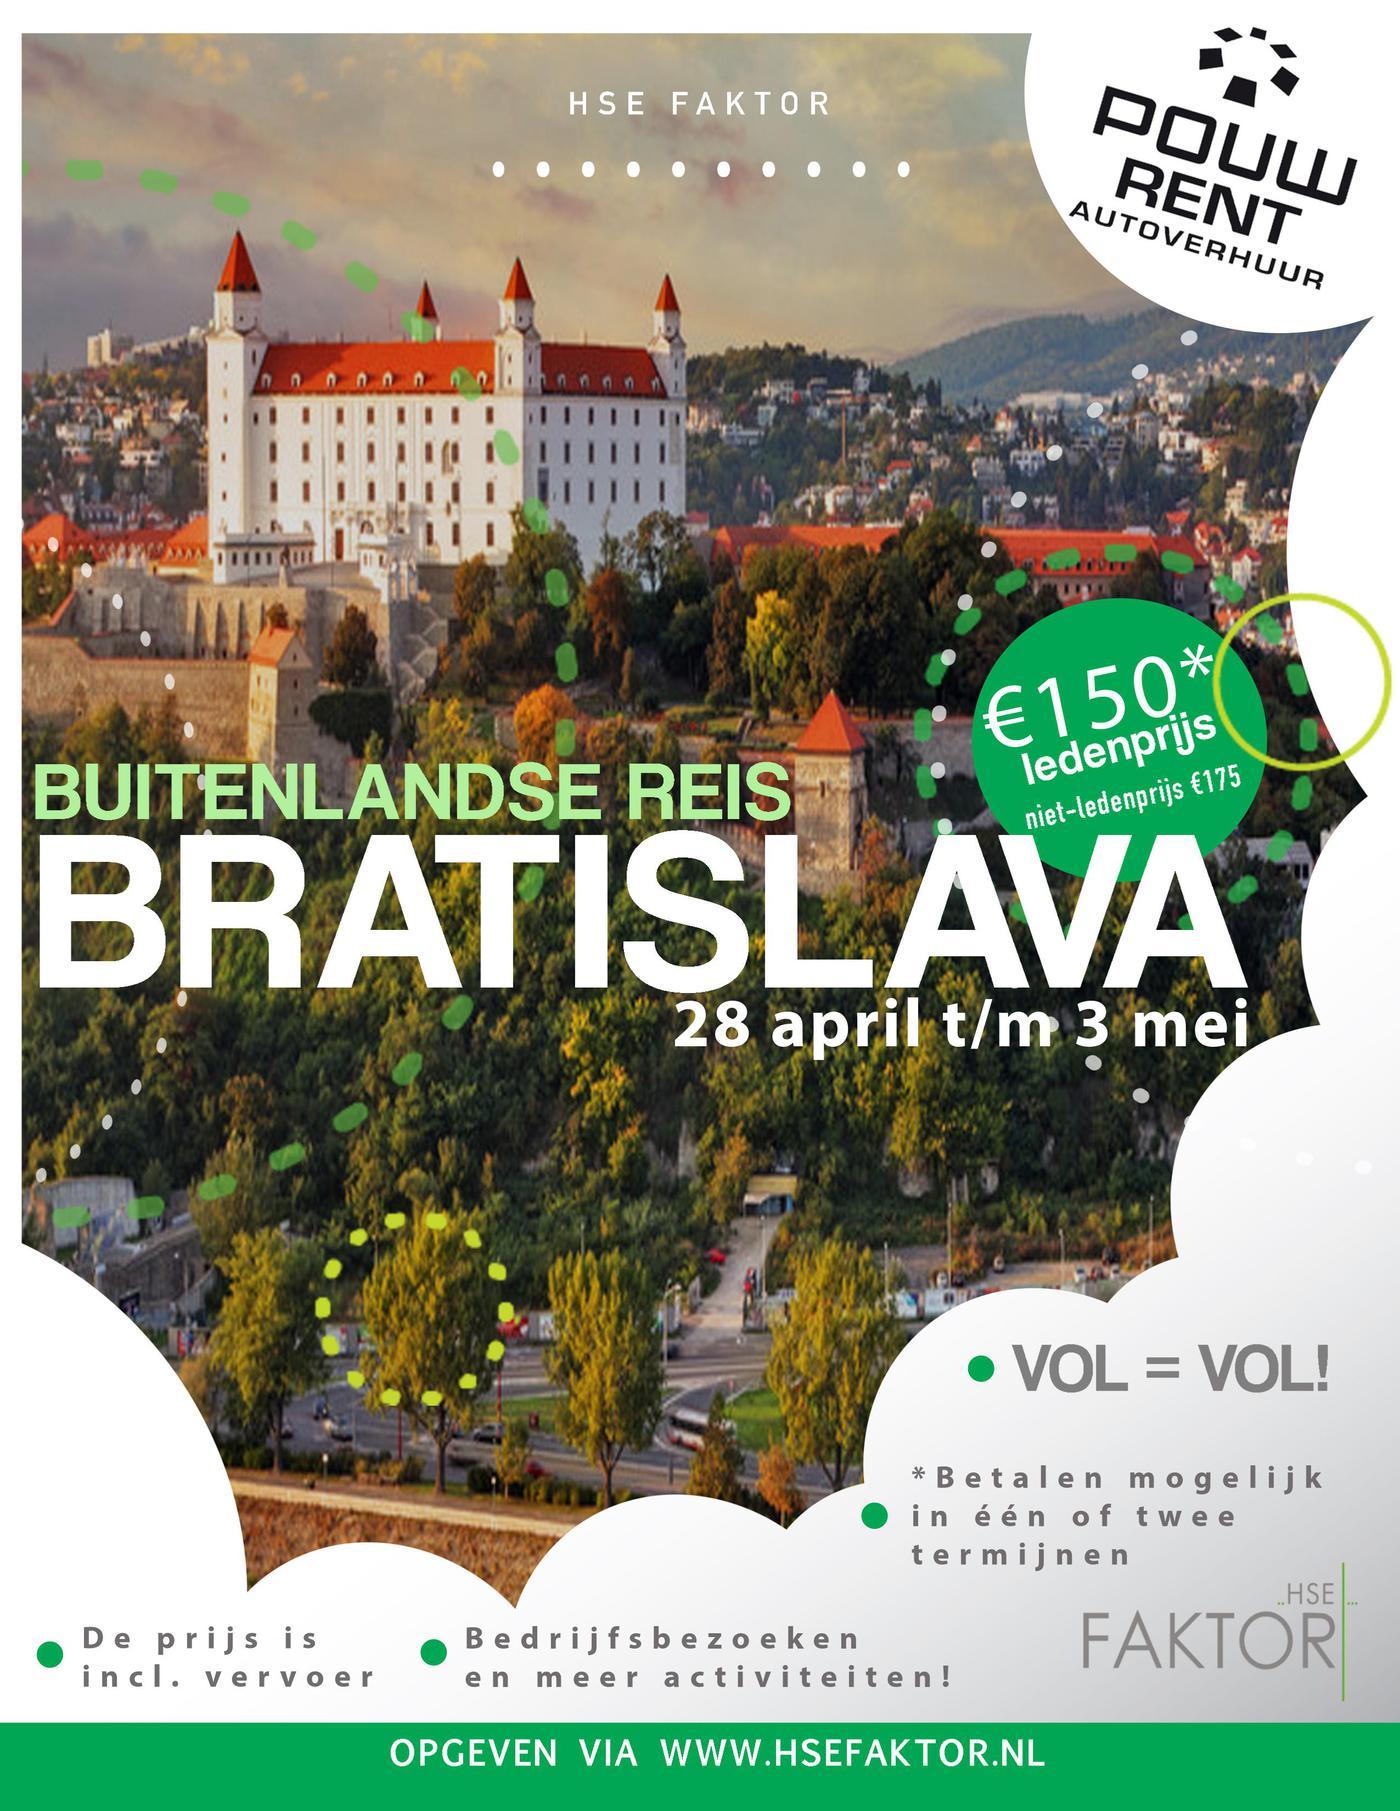 Buitenlandse reis Bratislava